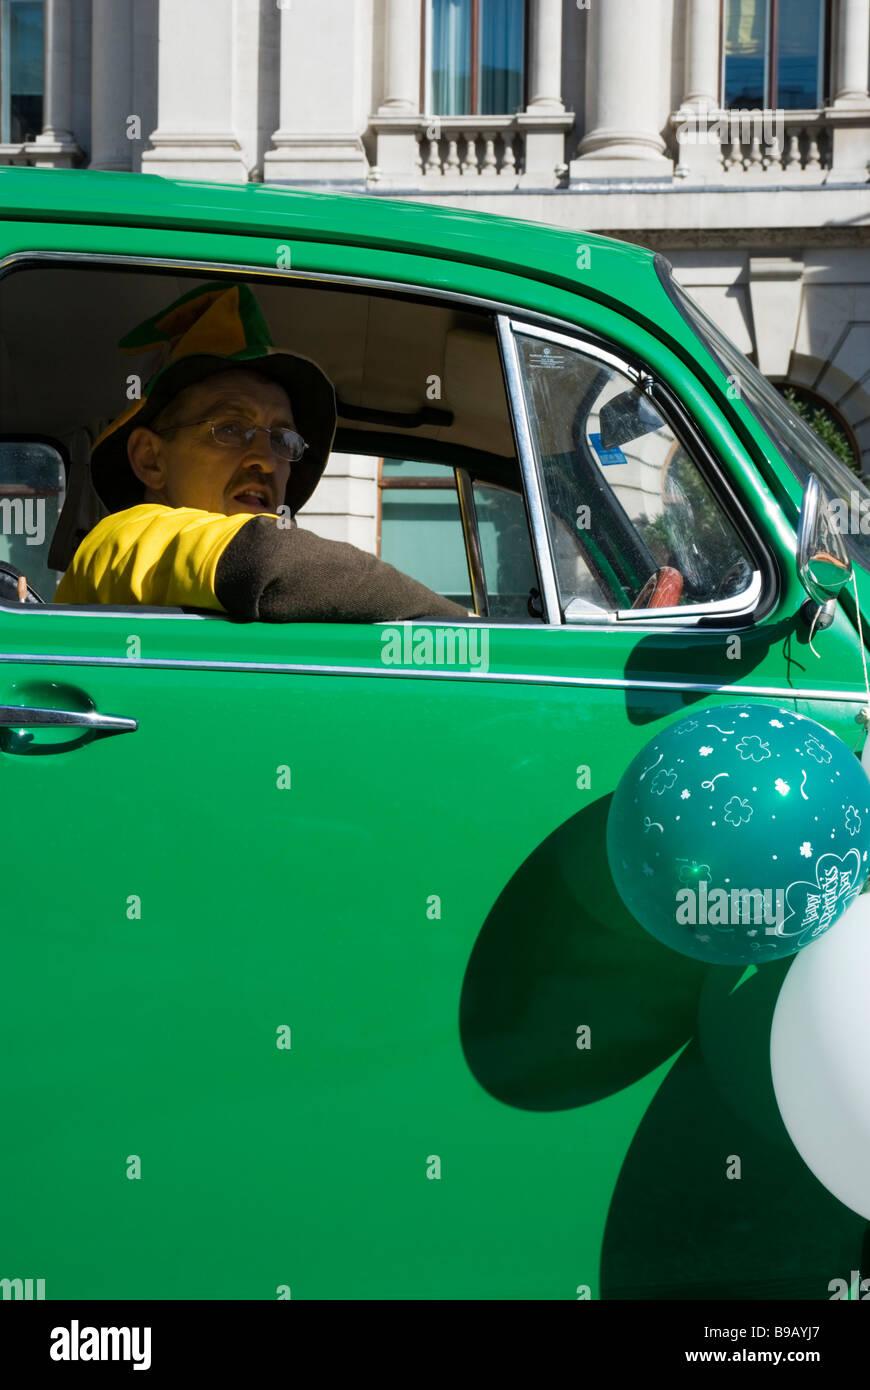 Ein Mann fährt ein grünes Auto am St. Patricks Day Parade in London England Großbritannien, 15. März Stockbild